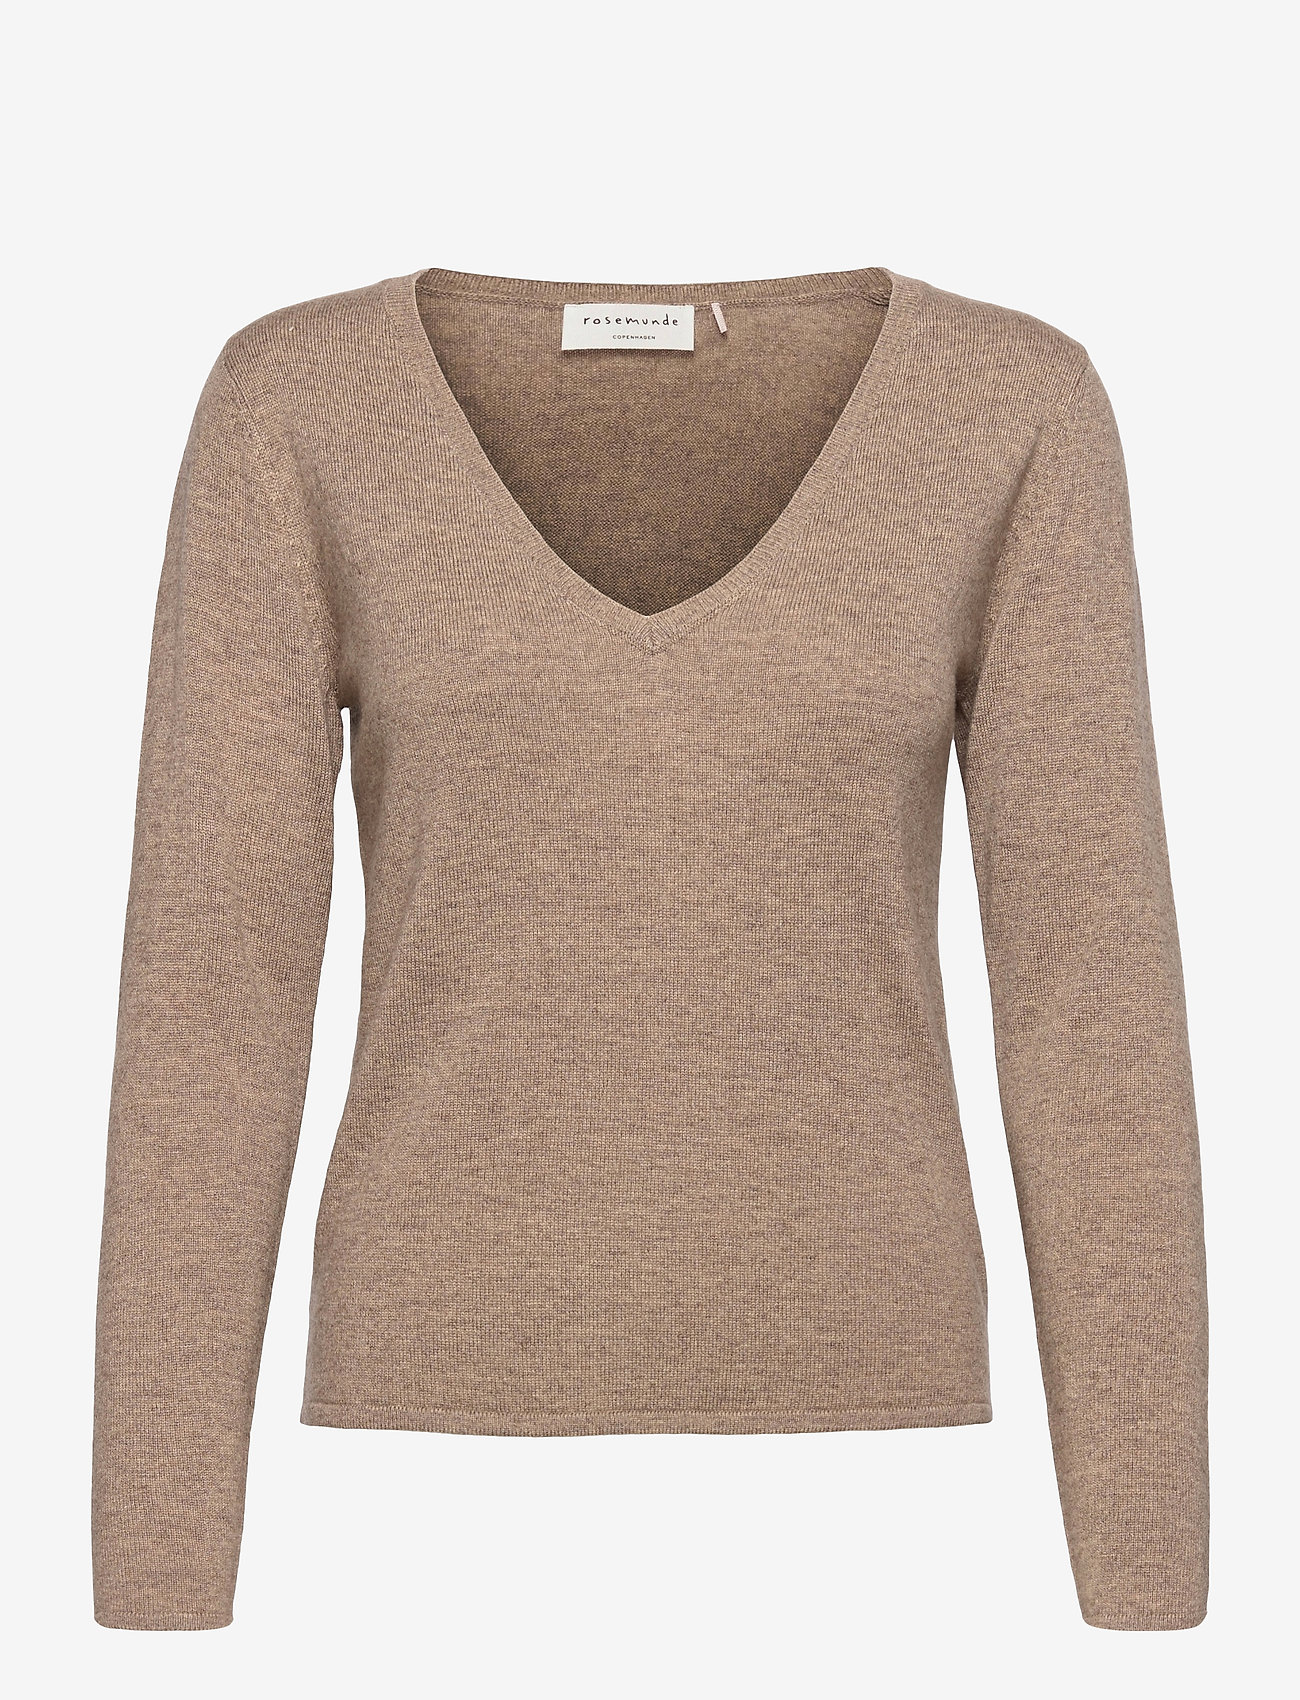 Rosemunde - Pullover ls - tröjor - walnut melange - 0